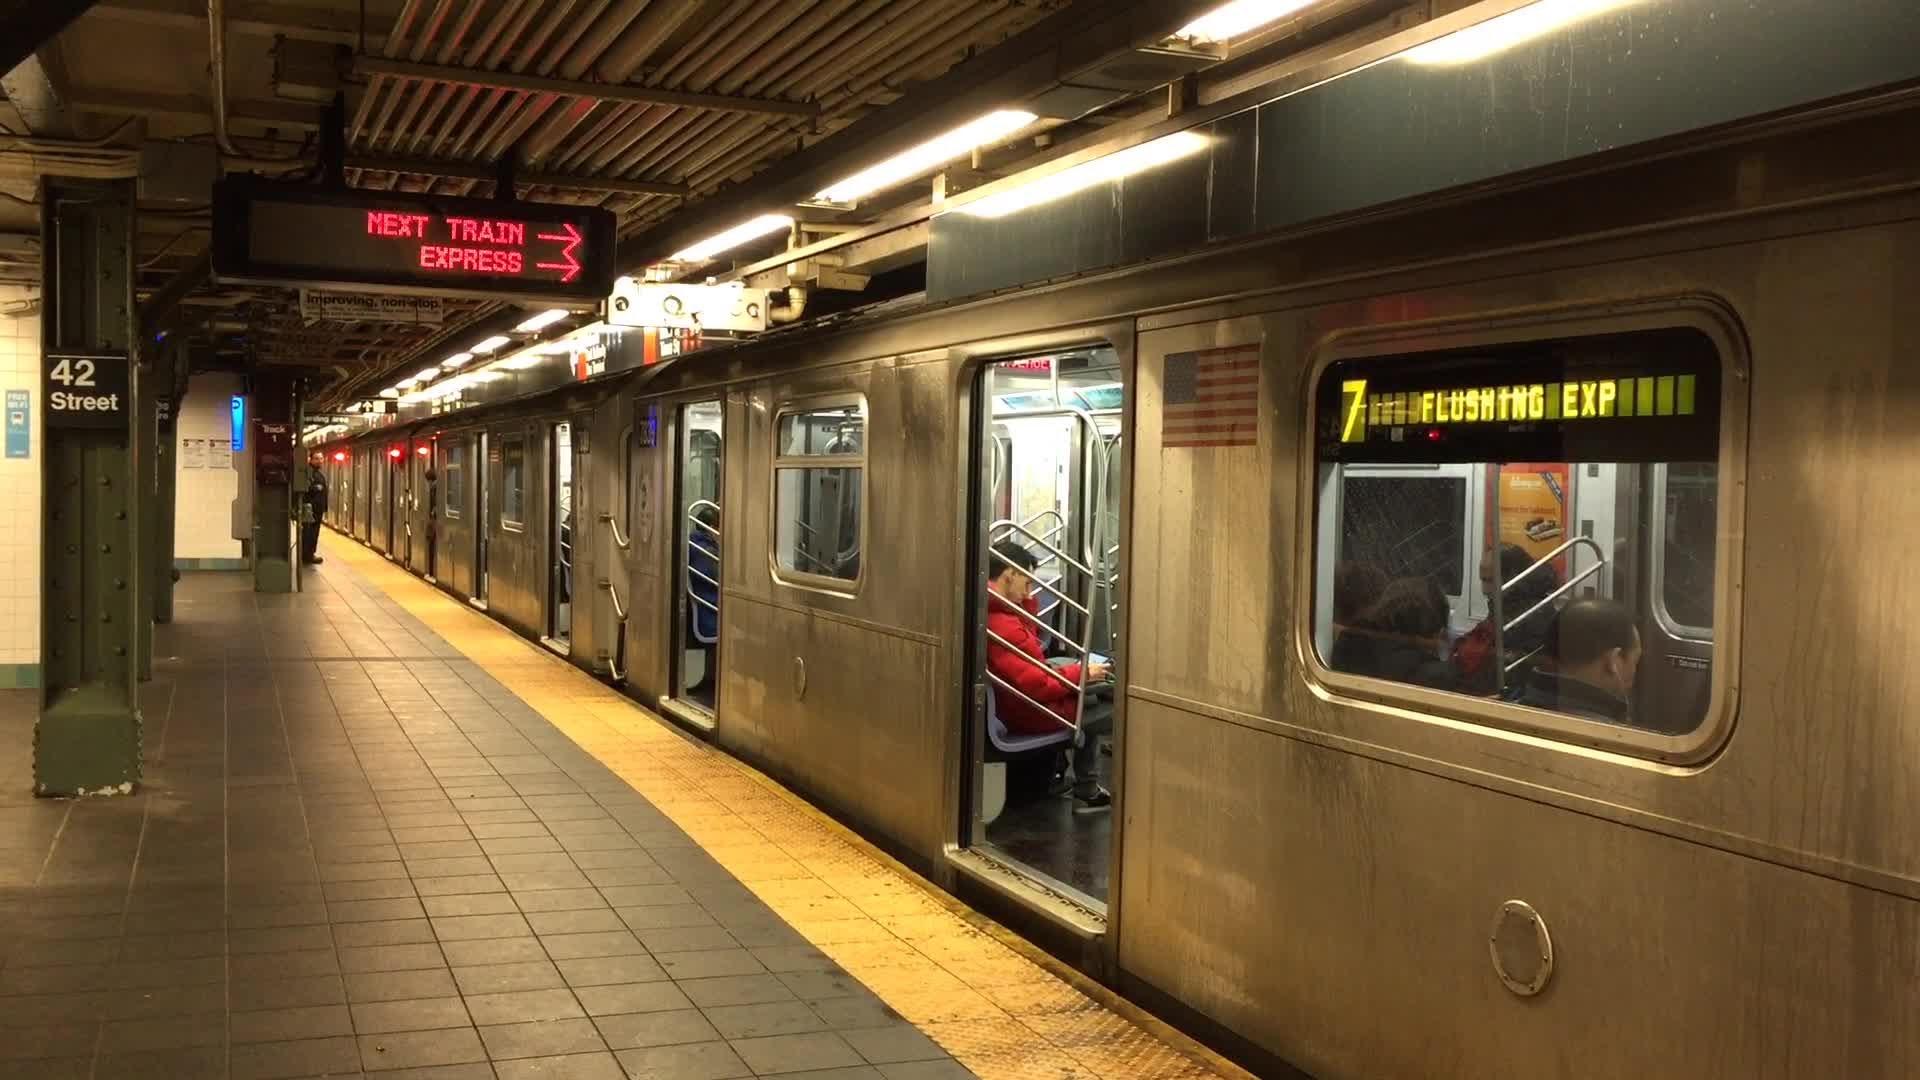 NYC's/SubwaySystemMayCometoanEndintheFuture